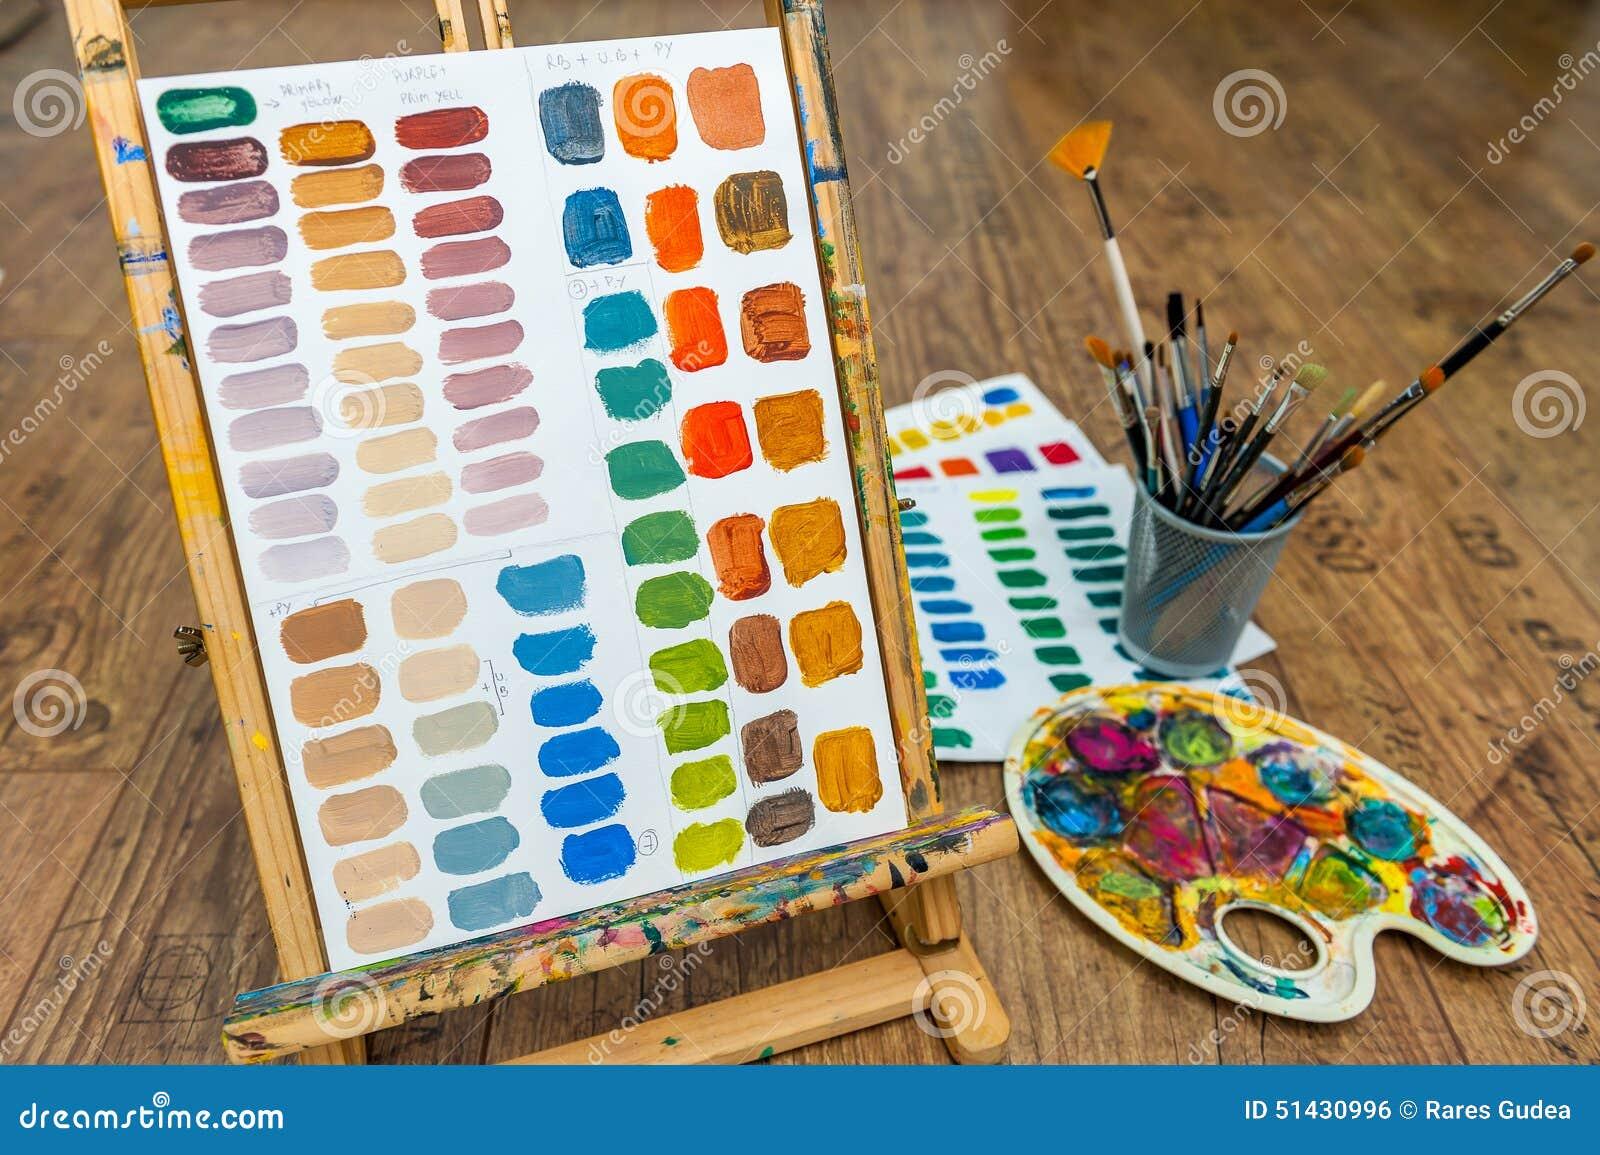 couleurs de m lange d 39 exercice de couleur de peinture avec les brosses et le pallete de chevalet. Black Bedroom Furniture Sets. Home Design Ideas